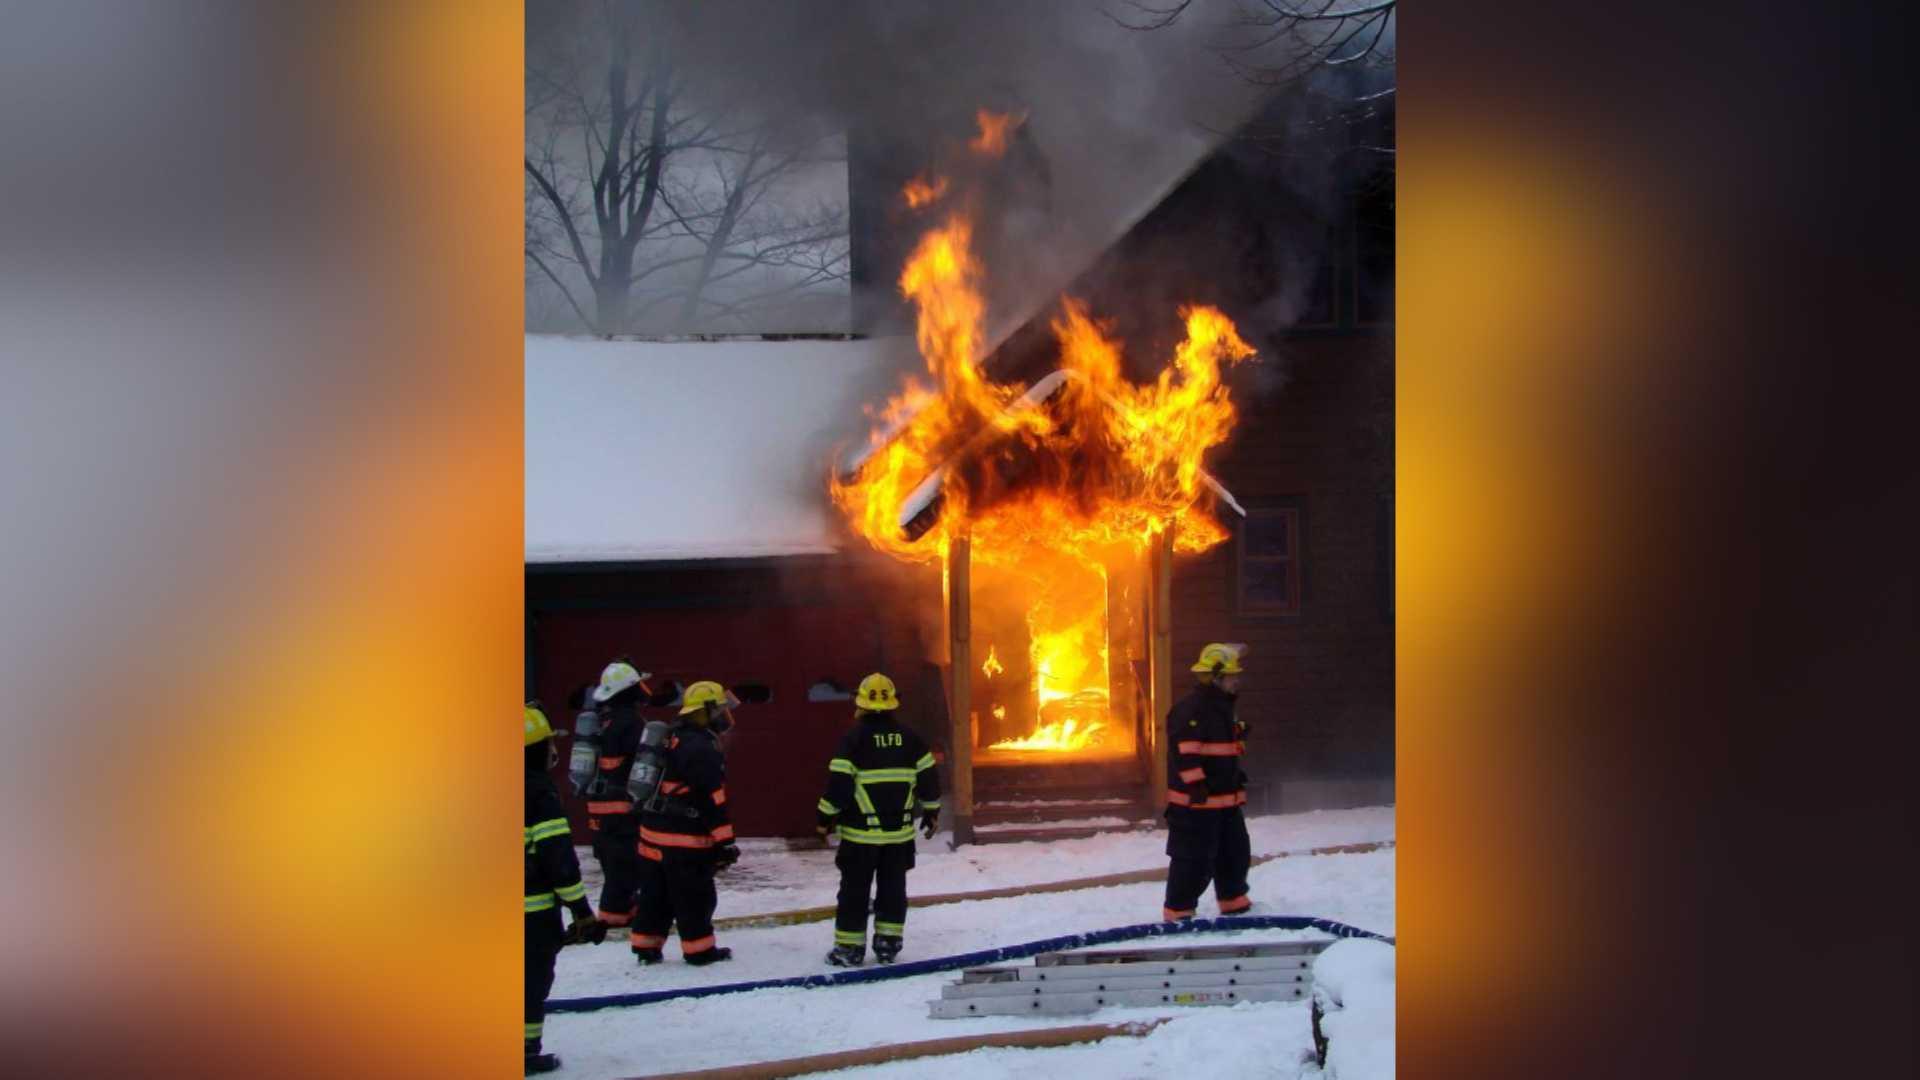 2-2-14 Tupper Lake fire - img